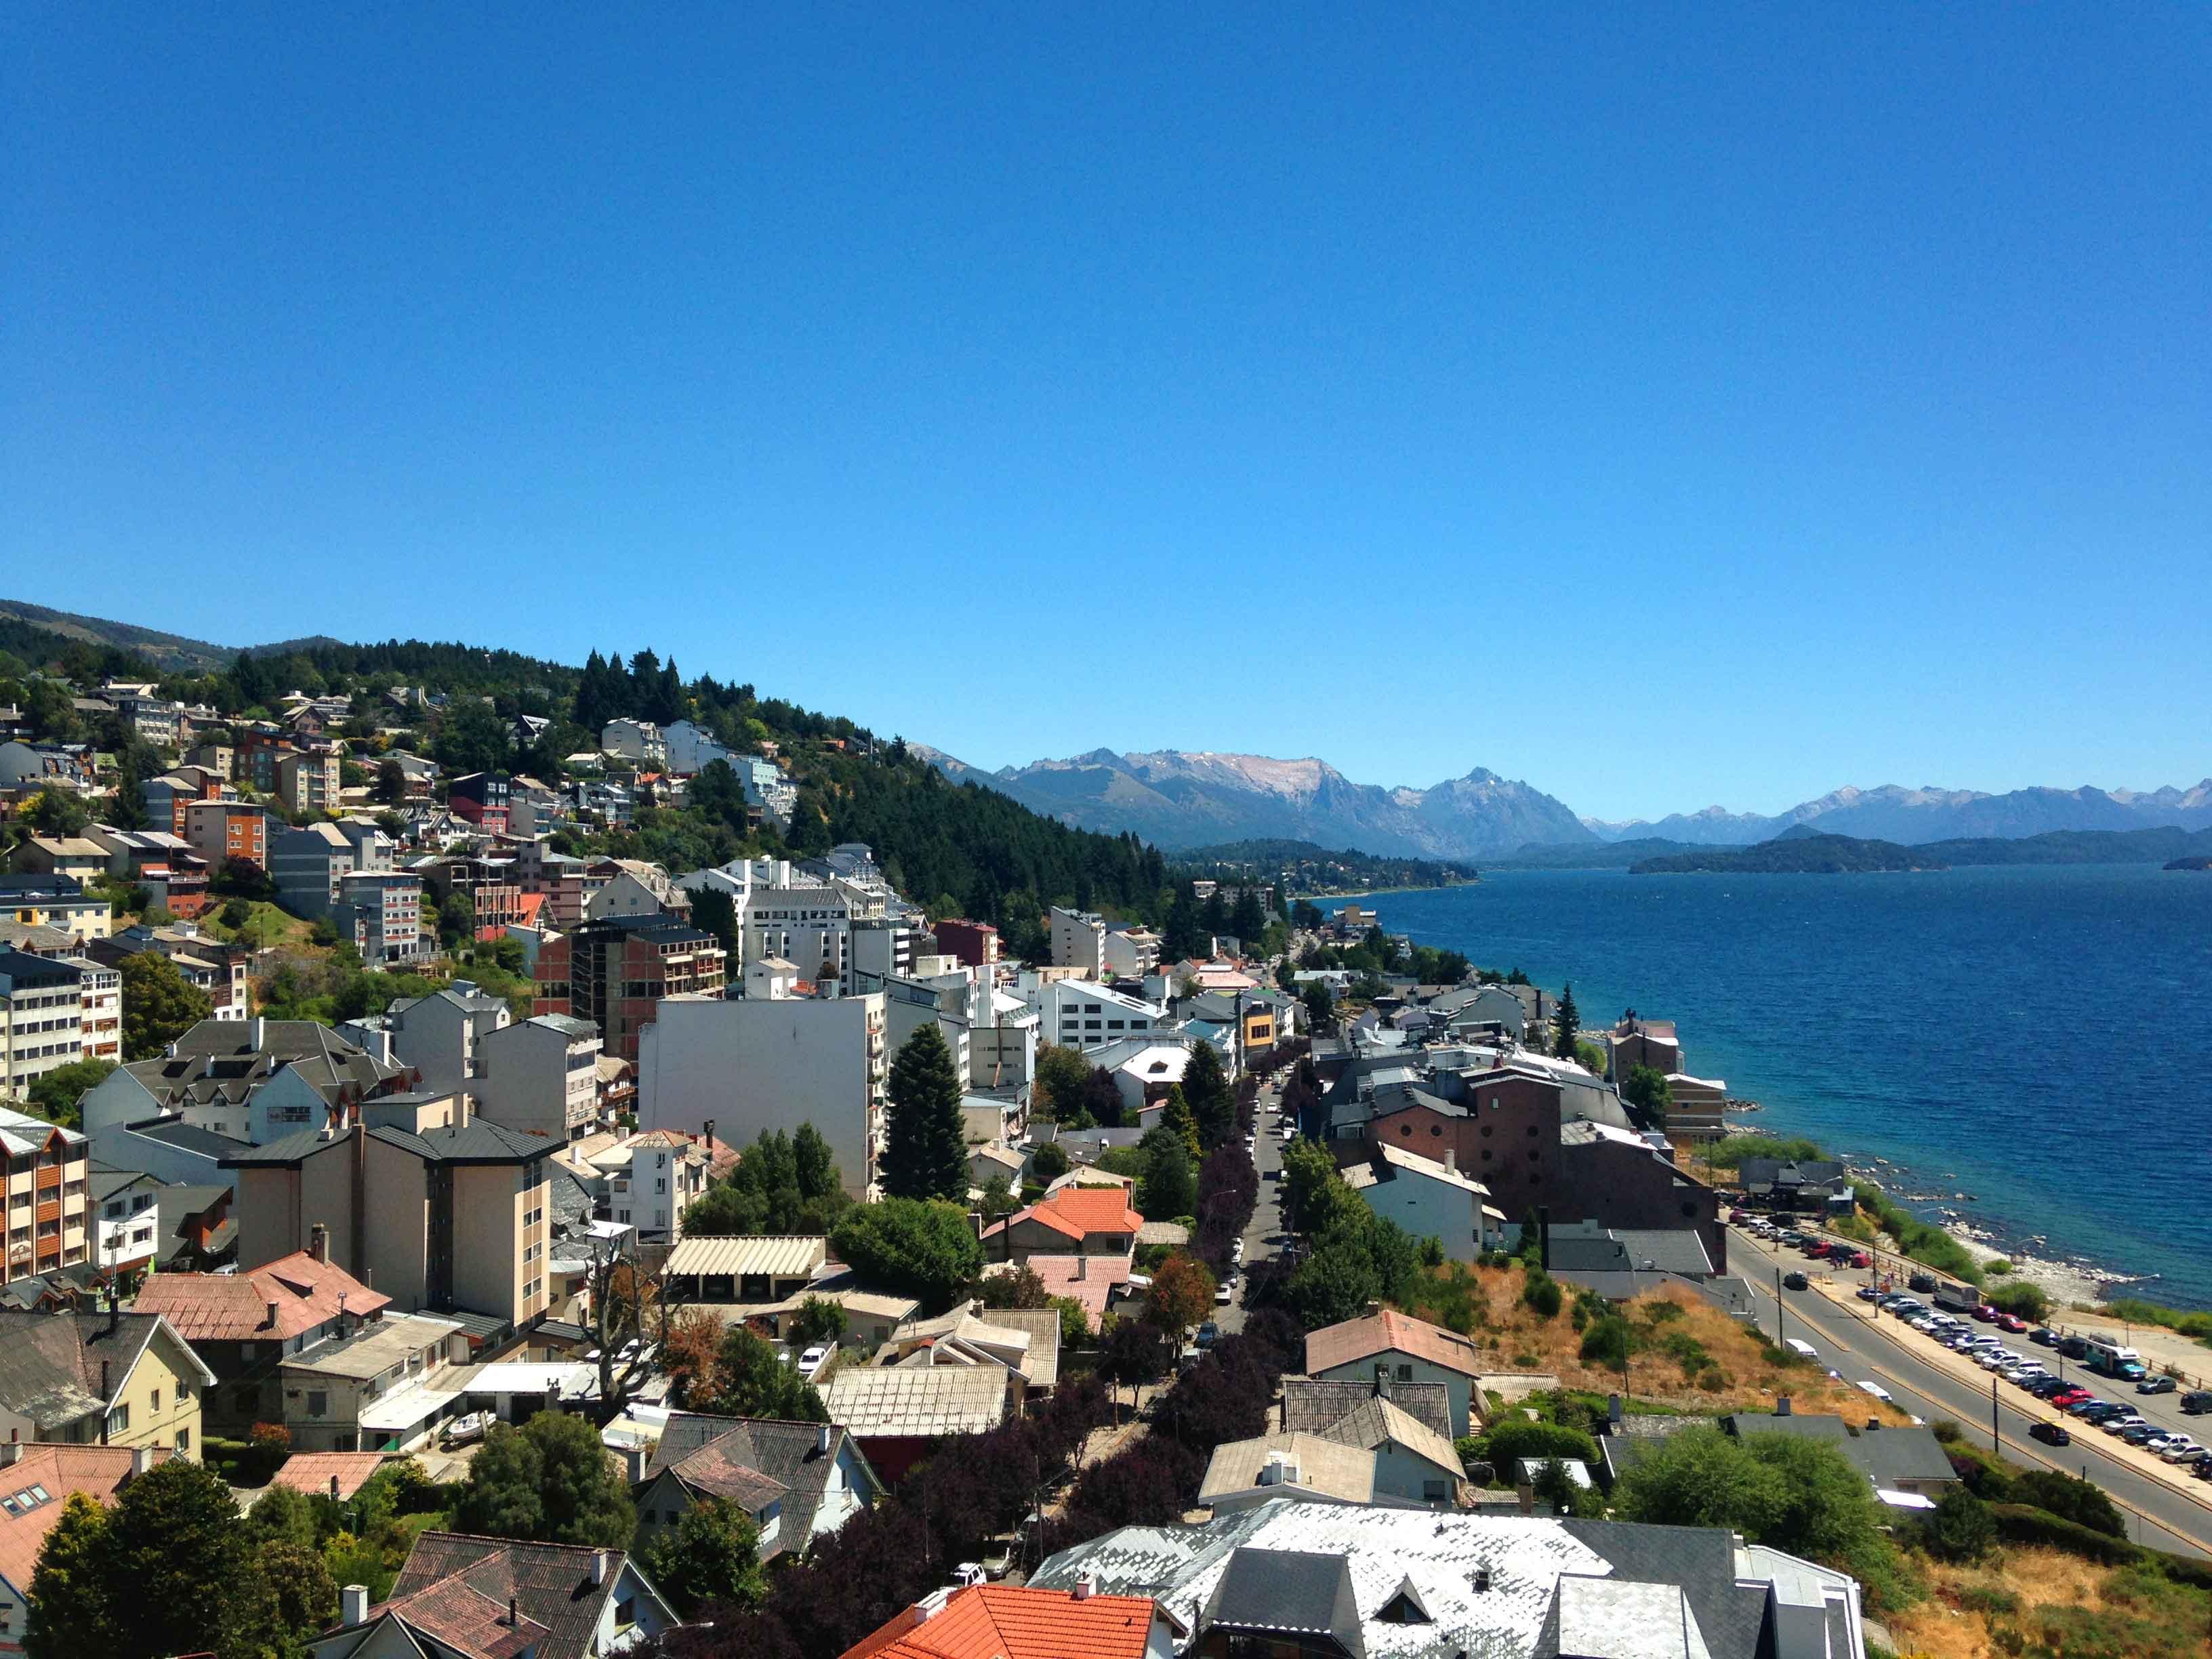 Bariloche city view